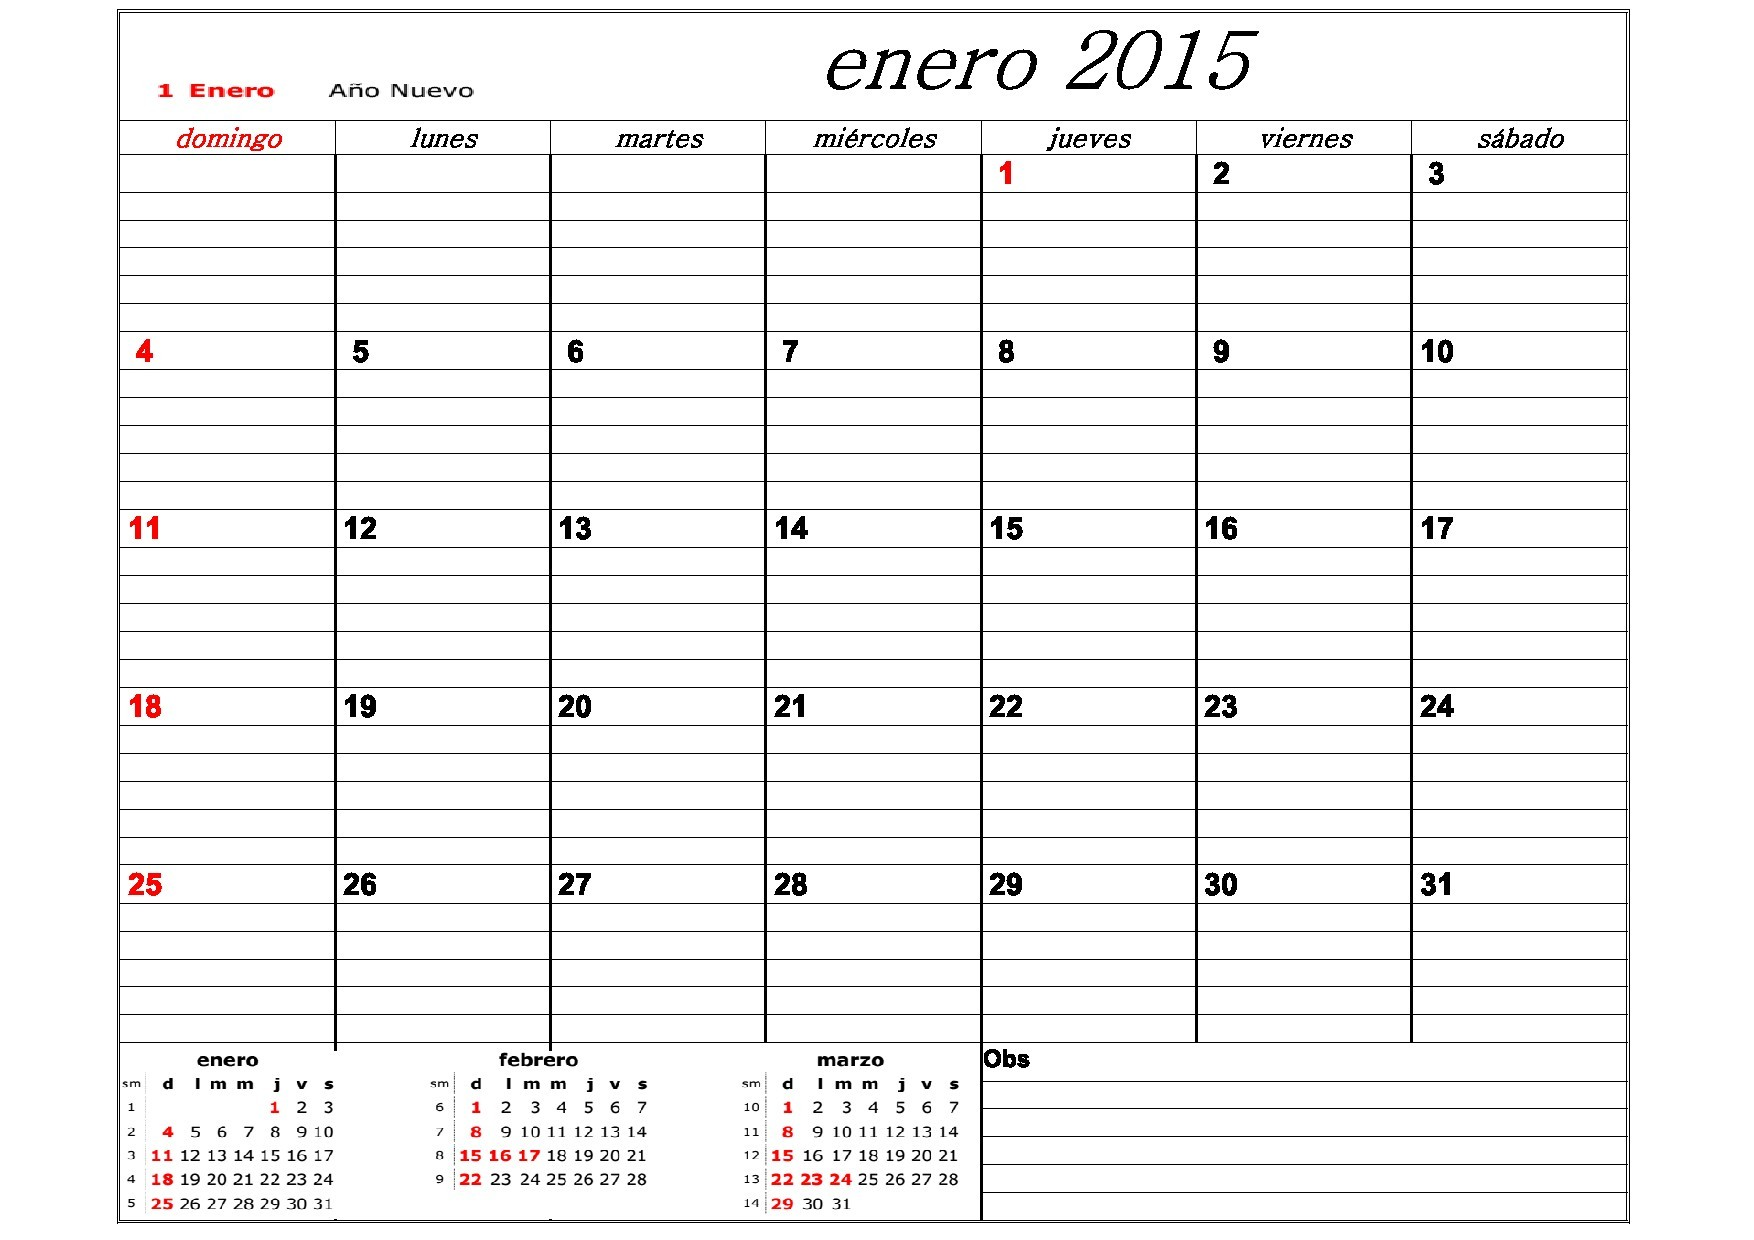 Calendario 2020 Bolivia Con Feriados Para Imprimir Más Recientemente Liberado Calendario Septiembre 2015 Para Imprimir Corto Of Calendario 2020 Bolivia Con Feriados Para Imprimir Actual Almanaque 2015 Argentina Para Imprimir Con Feriados New